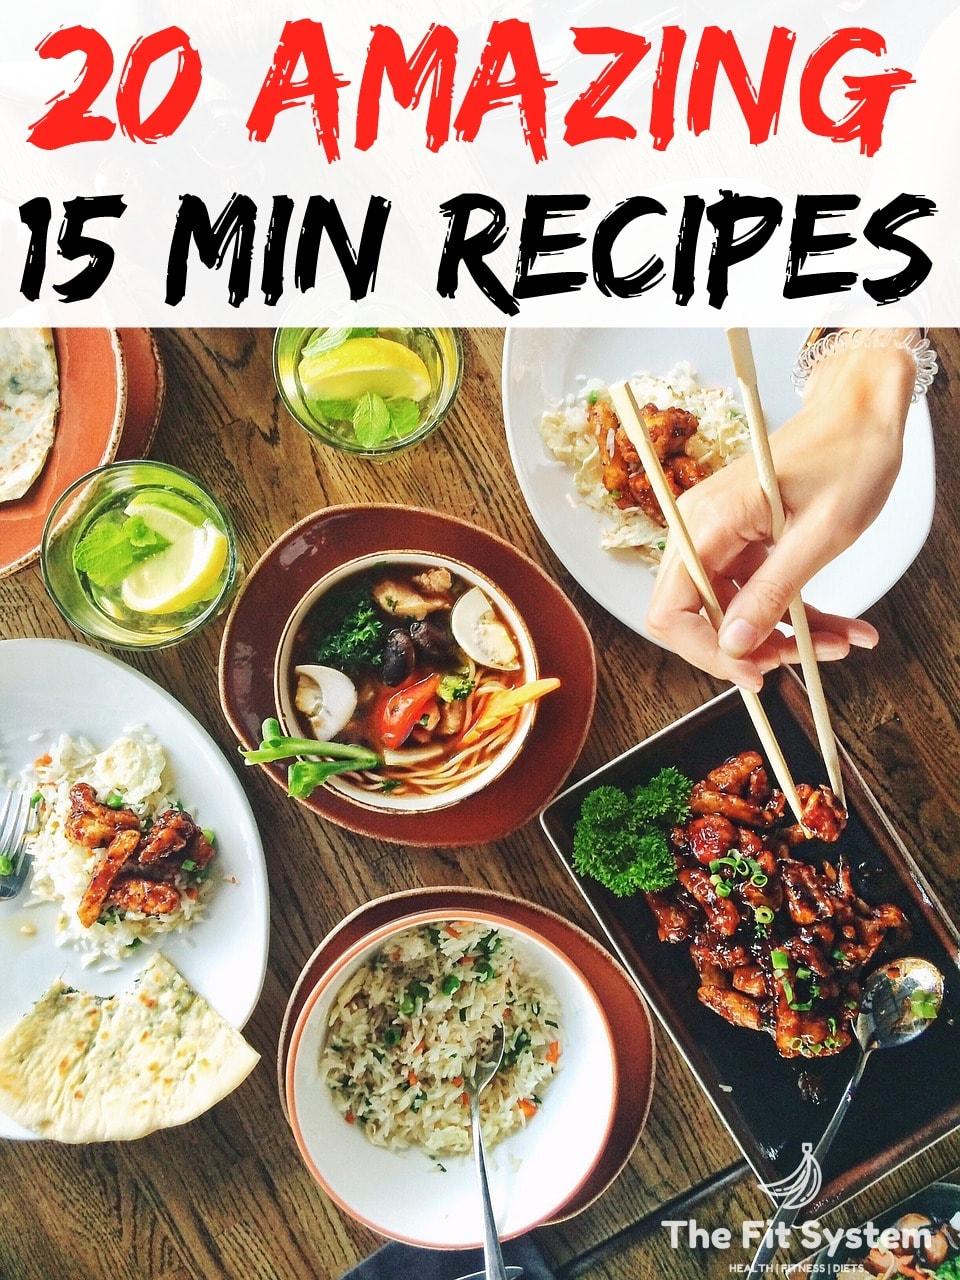 recipes under 15 minutes